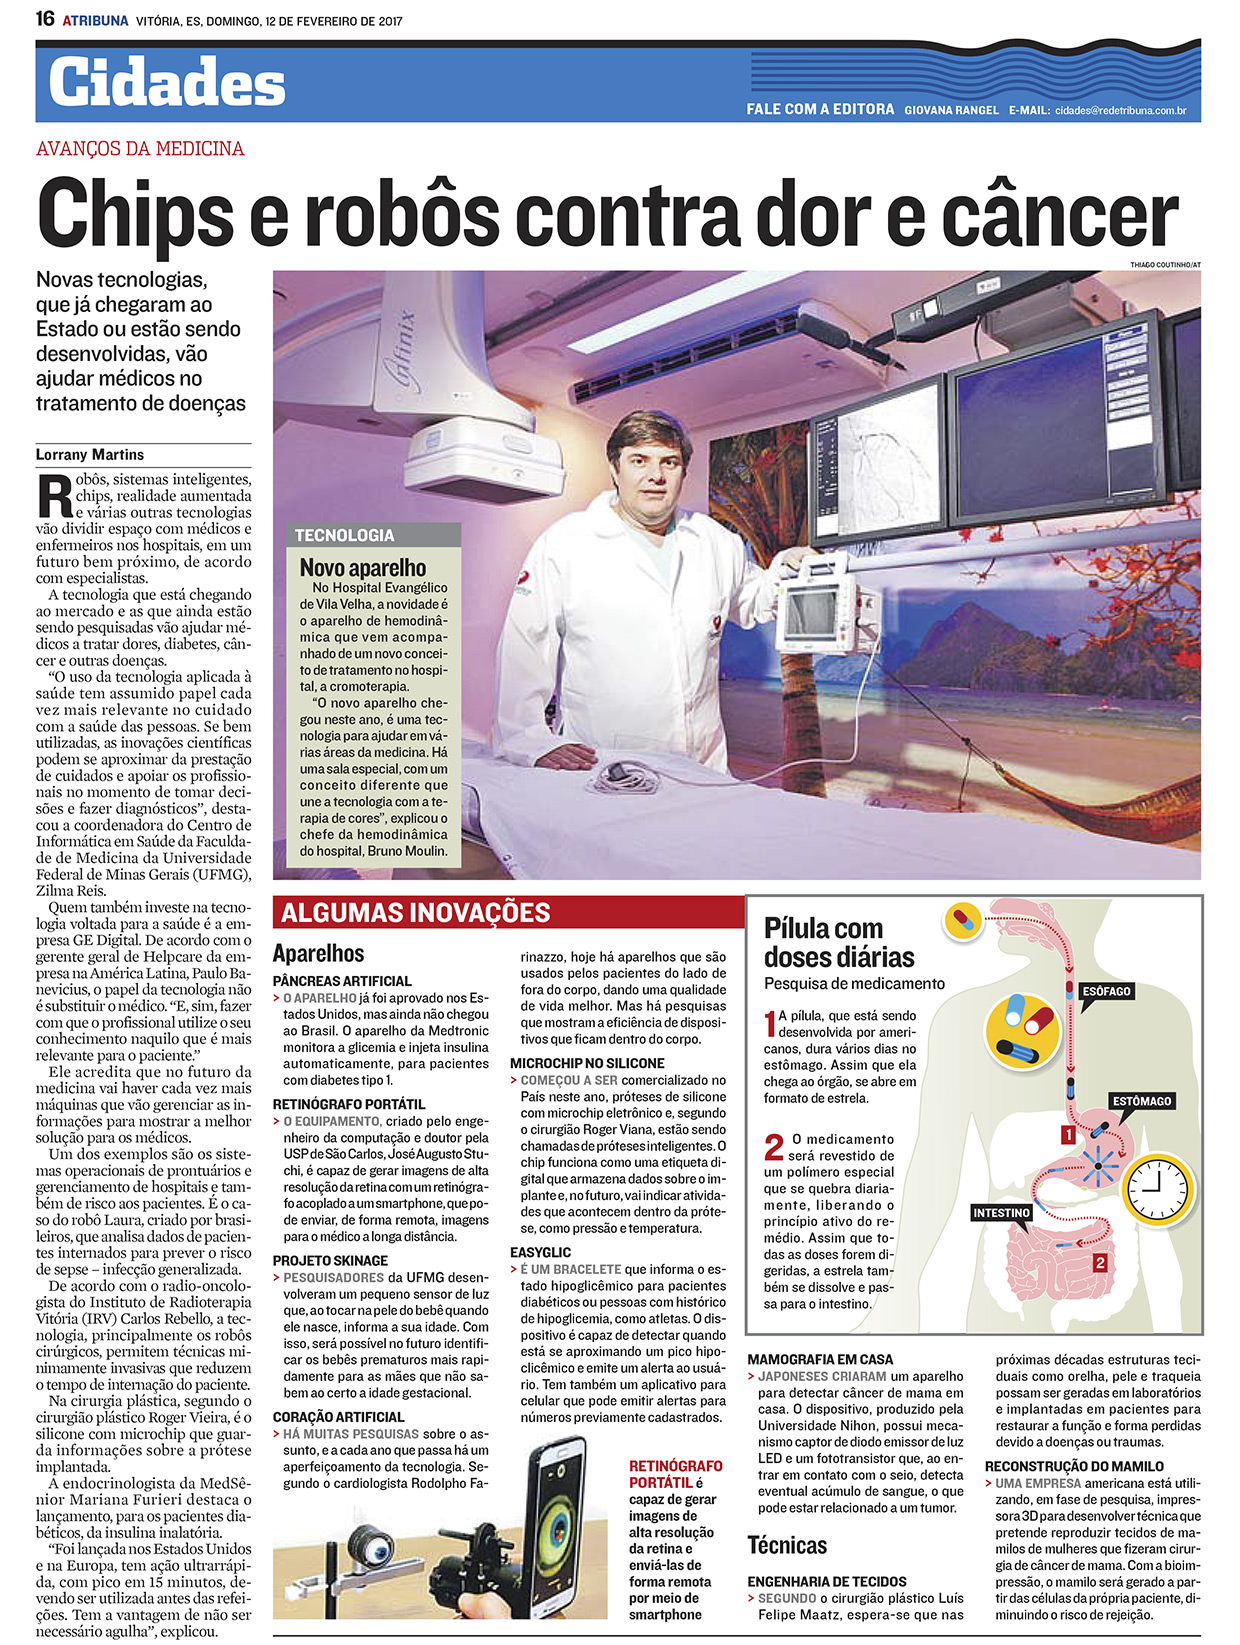 Chips e robôs contra dor e câncer - A Tribuna